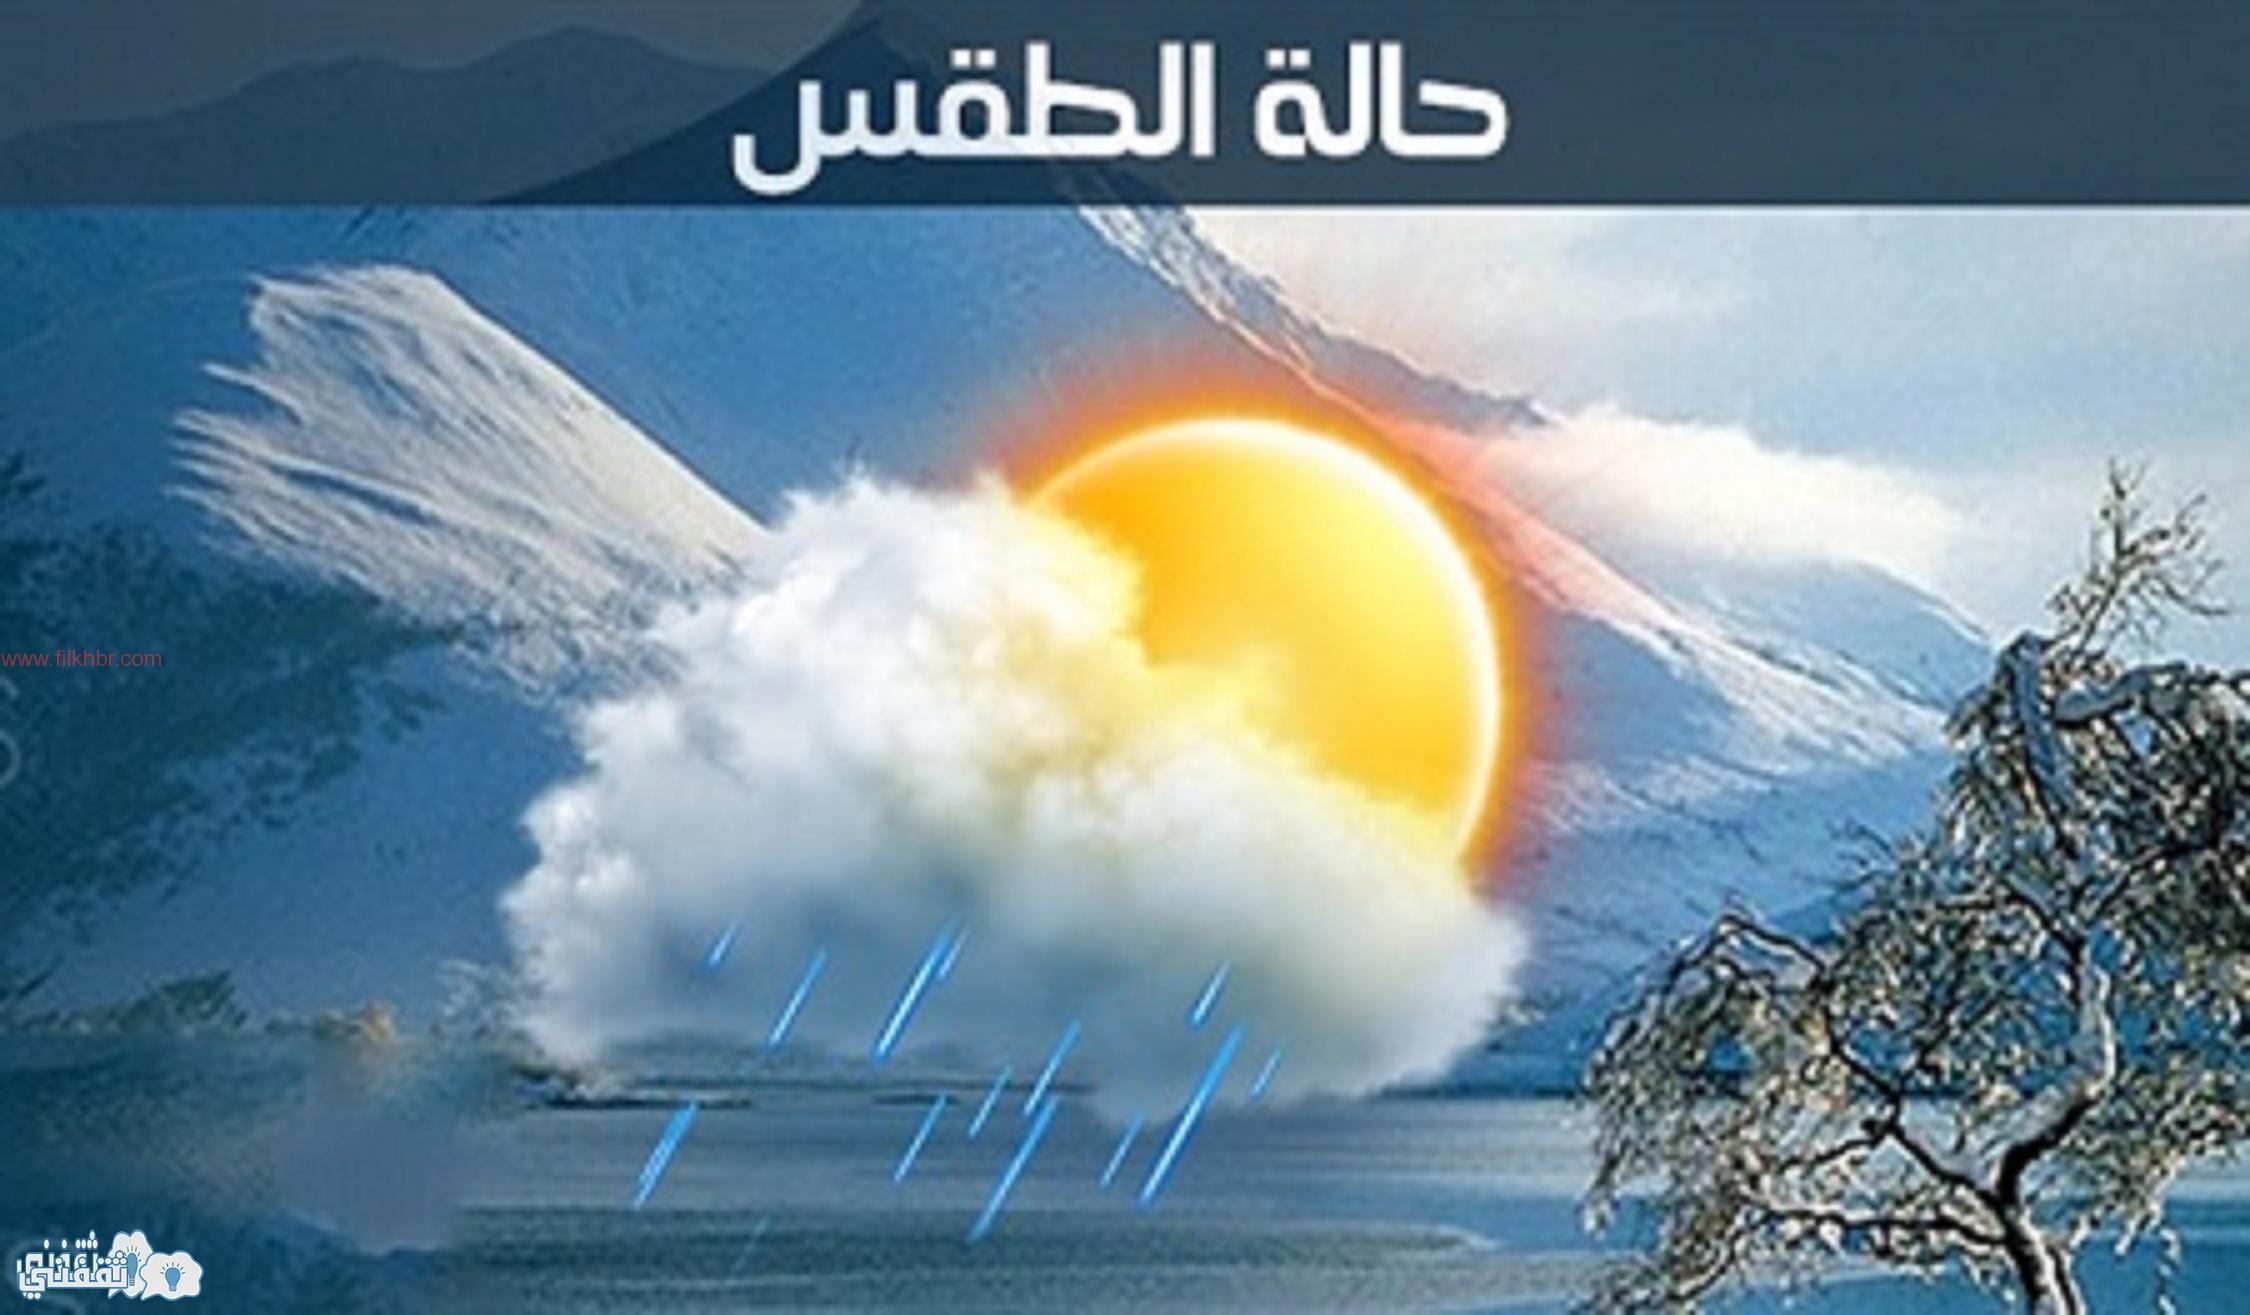 درجات الحرارة اليوم الأحد 25/12/2016